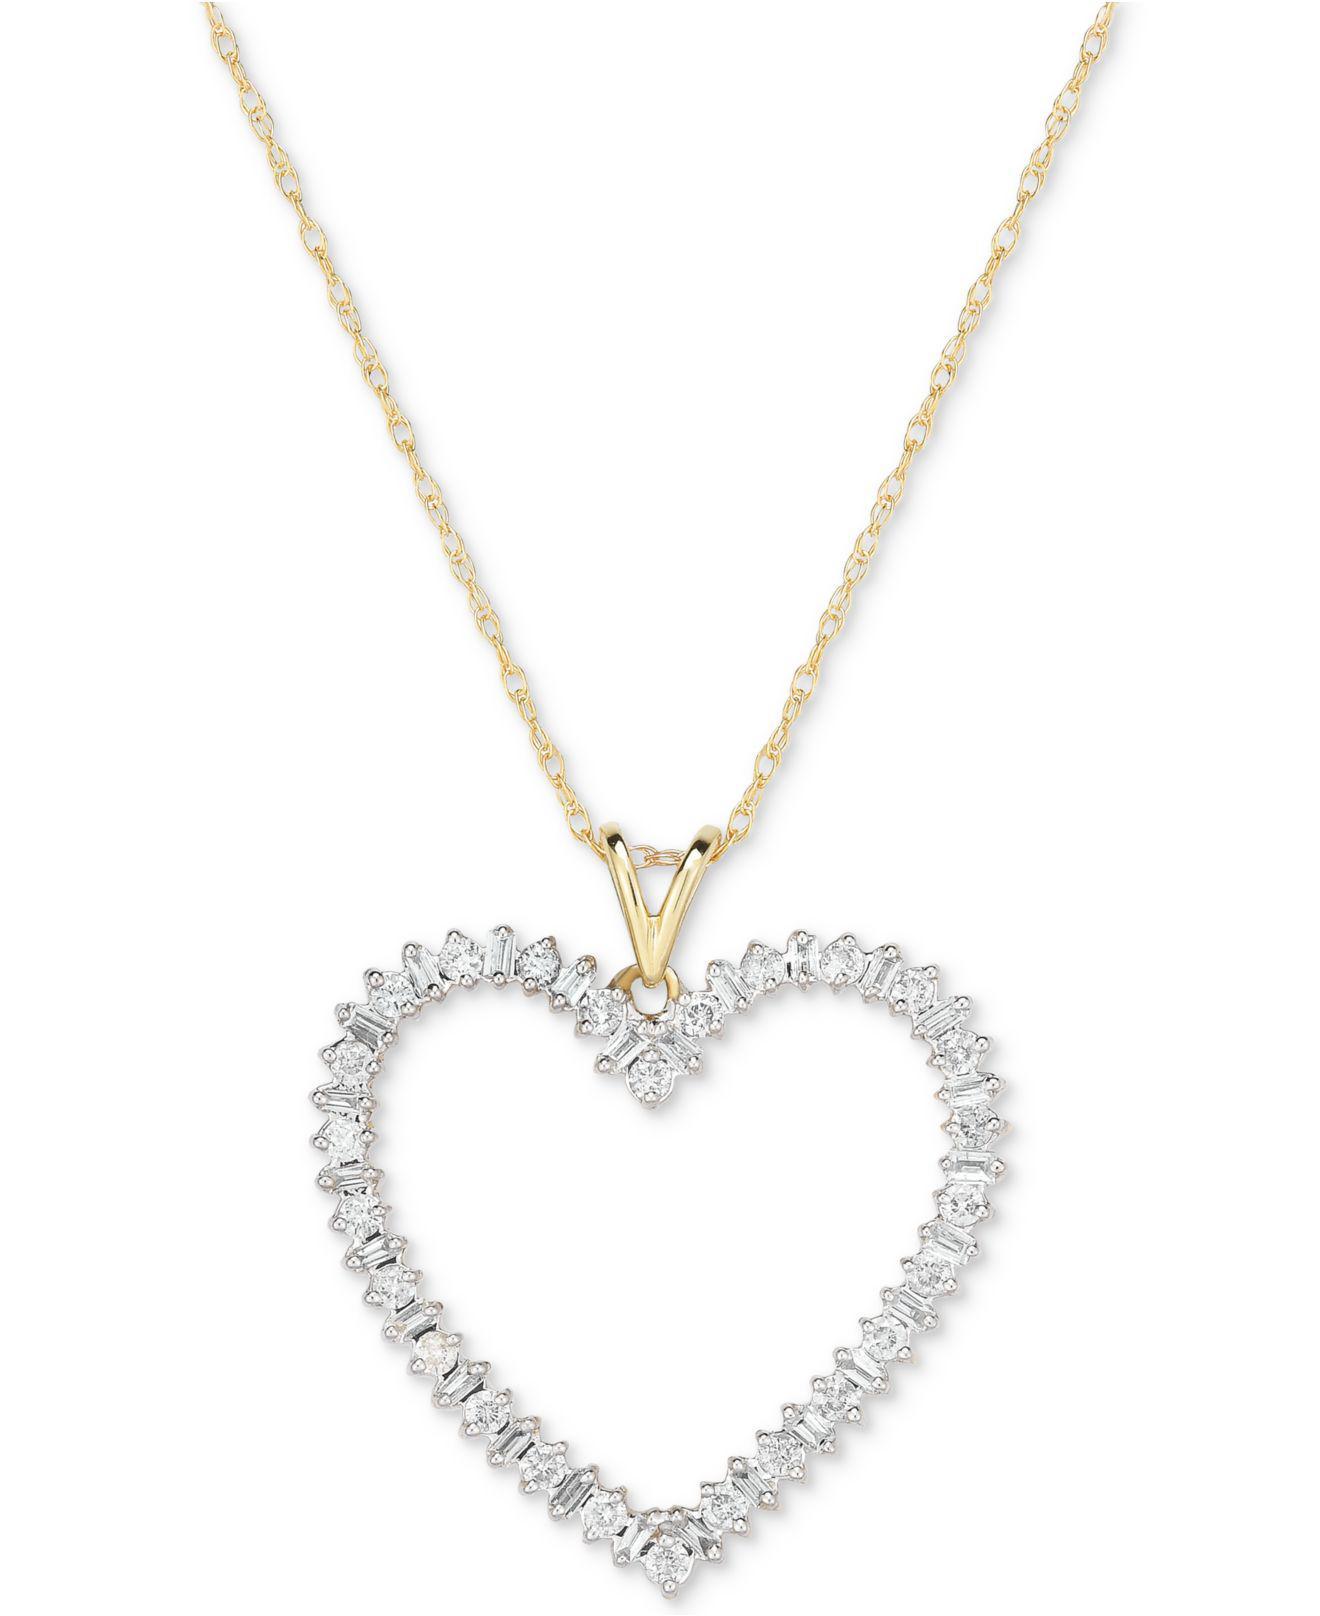 bd10562f696 Lyst - Macy's Diamond Heart Pendant Necklace (1/2 Ct. T.w.) In 14k ...